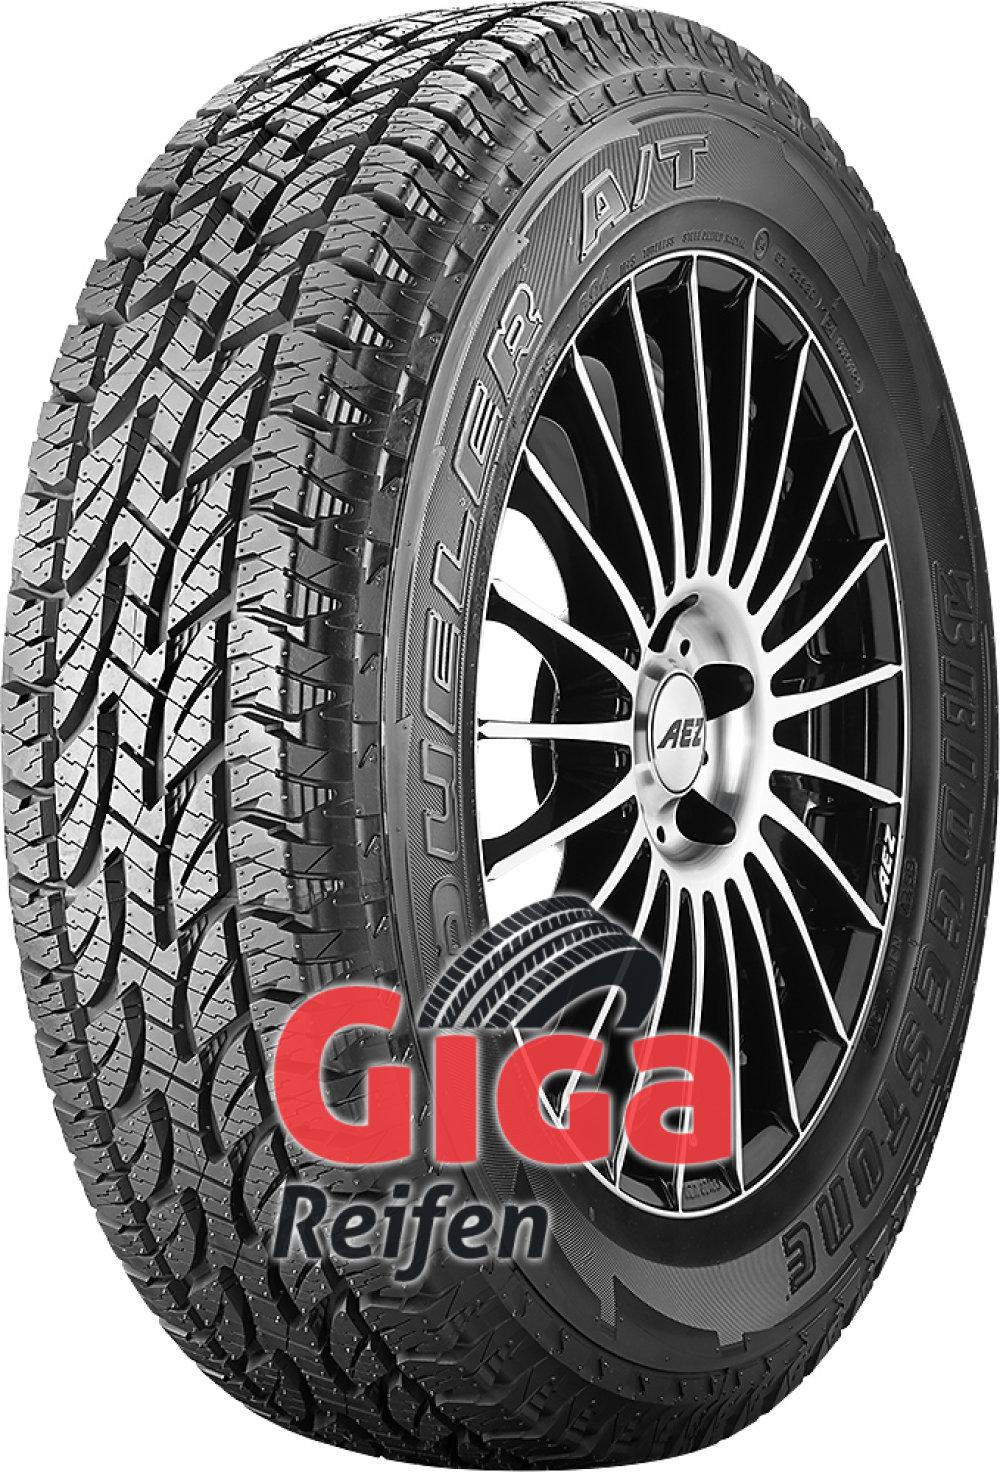 Bridgestone Dueler A/T 694 ( LT7.50 R16 112/107N 8PR )